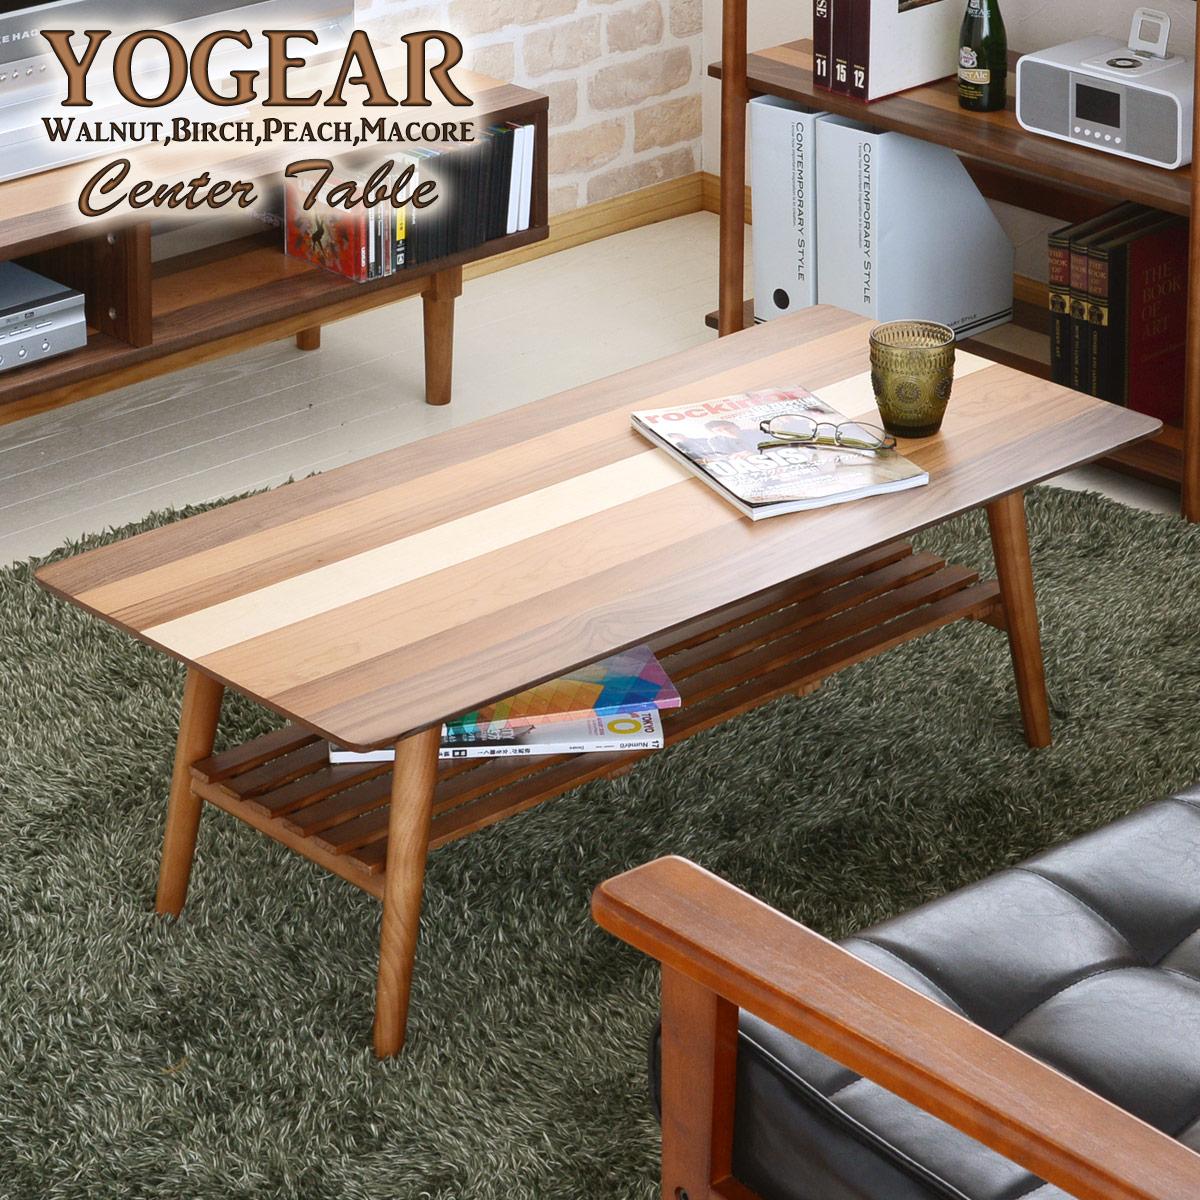 送料無料 テーブル 折りたたみ 幅100cm 棚付き テーブル ウォールナット センターテーブル ローテーブル リビングテーブル 北欧 折畳テーブル 木製 折れ脚 天然木 可愛い おしゃれ 折り畳み式 長方形 スクエア 寄木 かわいい